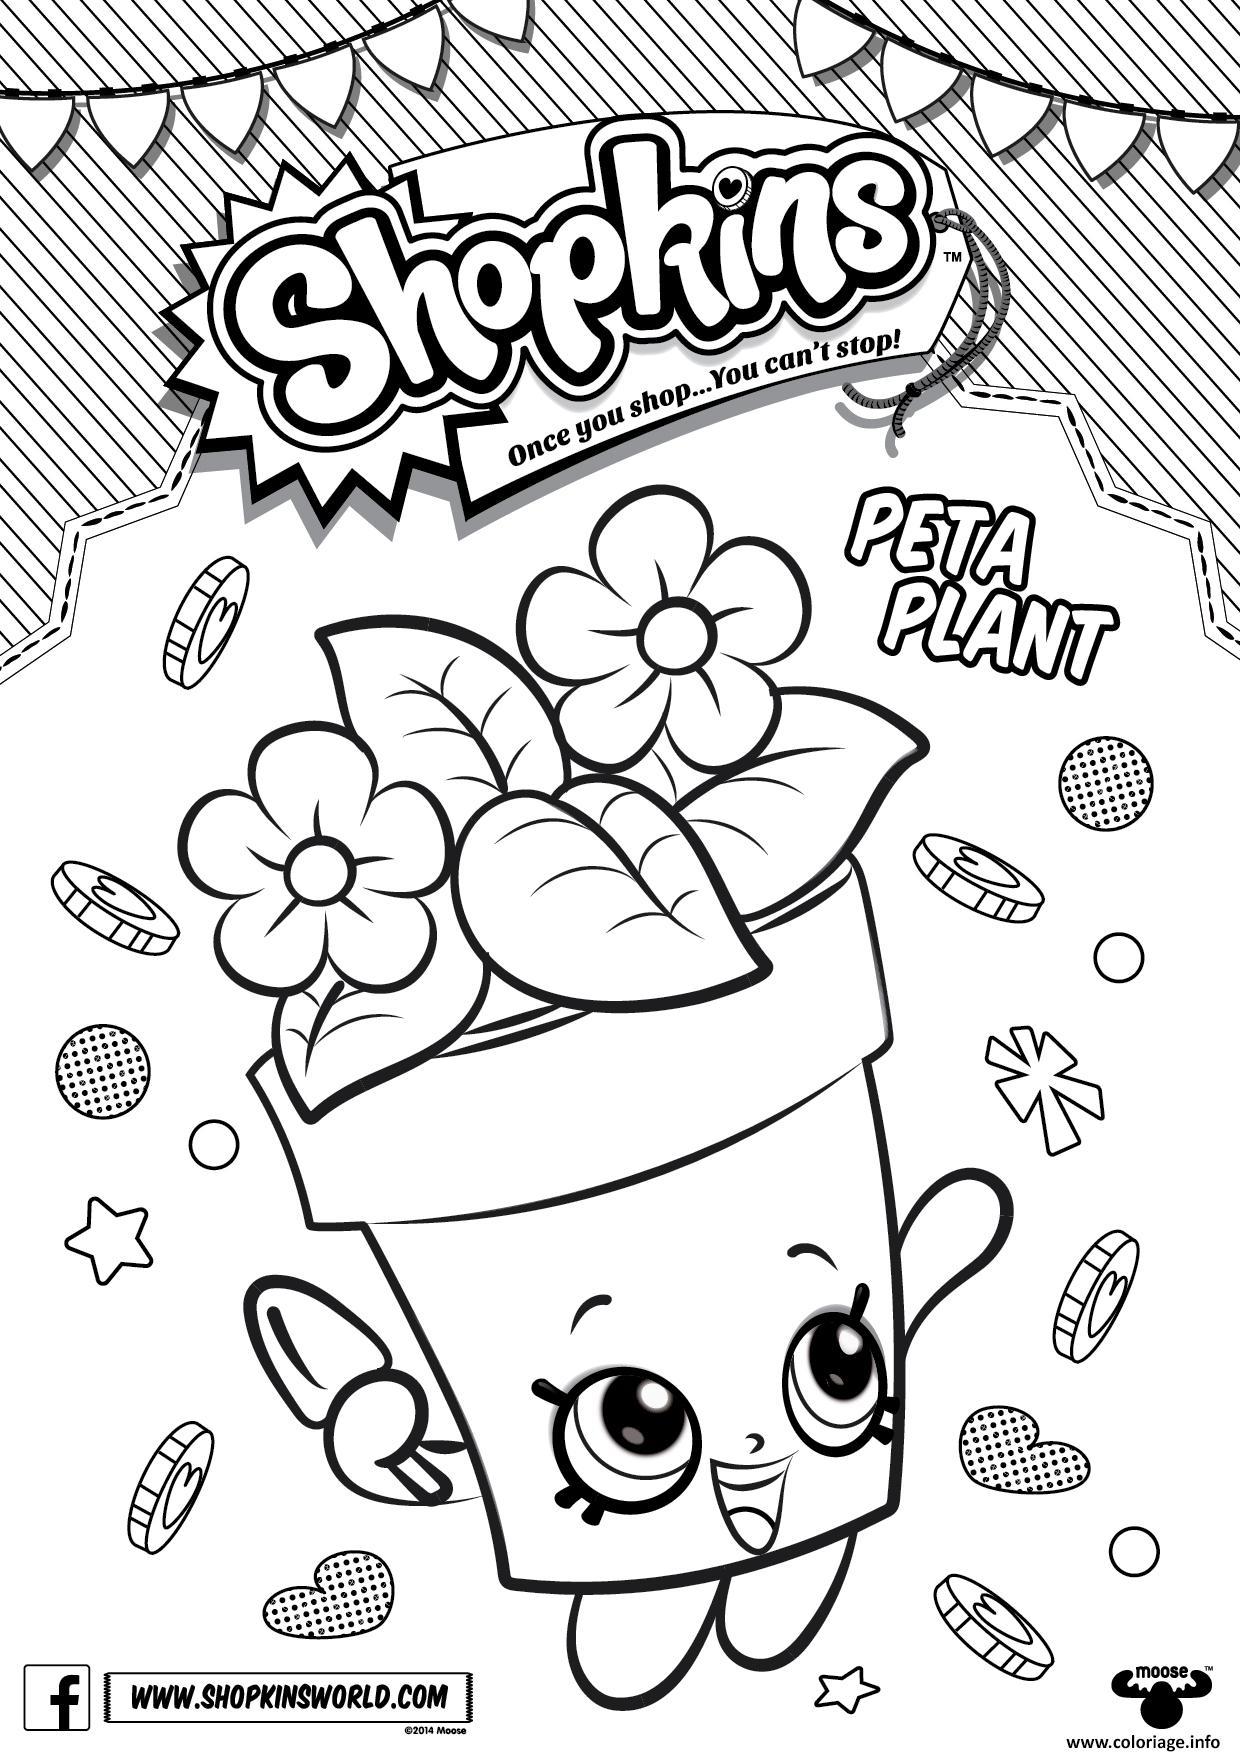 Dessin shopkins peta plant Coloriage Gratuit à Imprimer